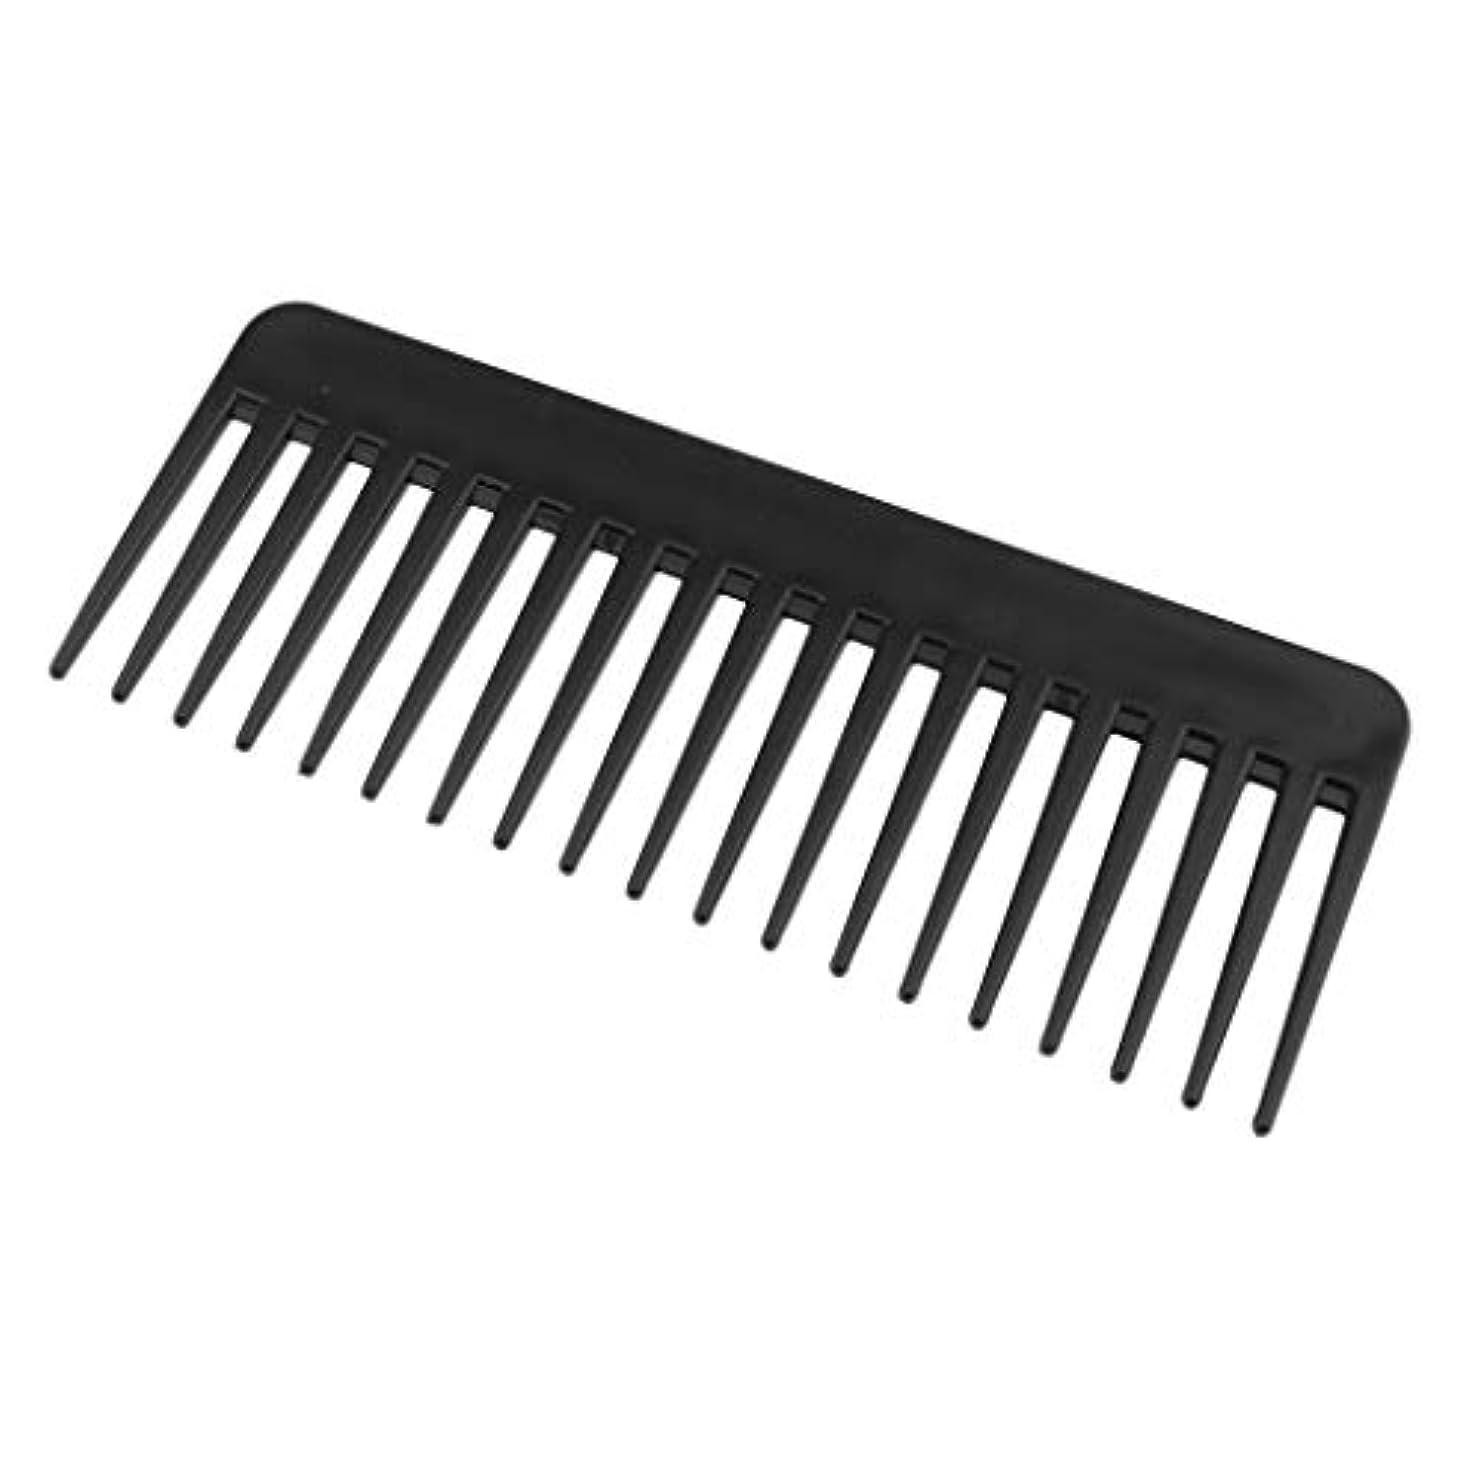 ディレクトリくしゃみボウル帯電防止くし プラスチック製 ヘアブラシ 丈夫 3色選べ - ブラック